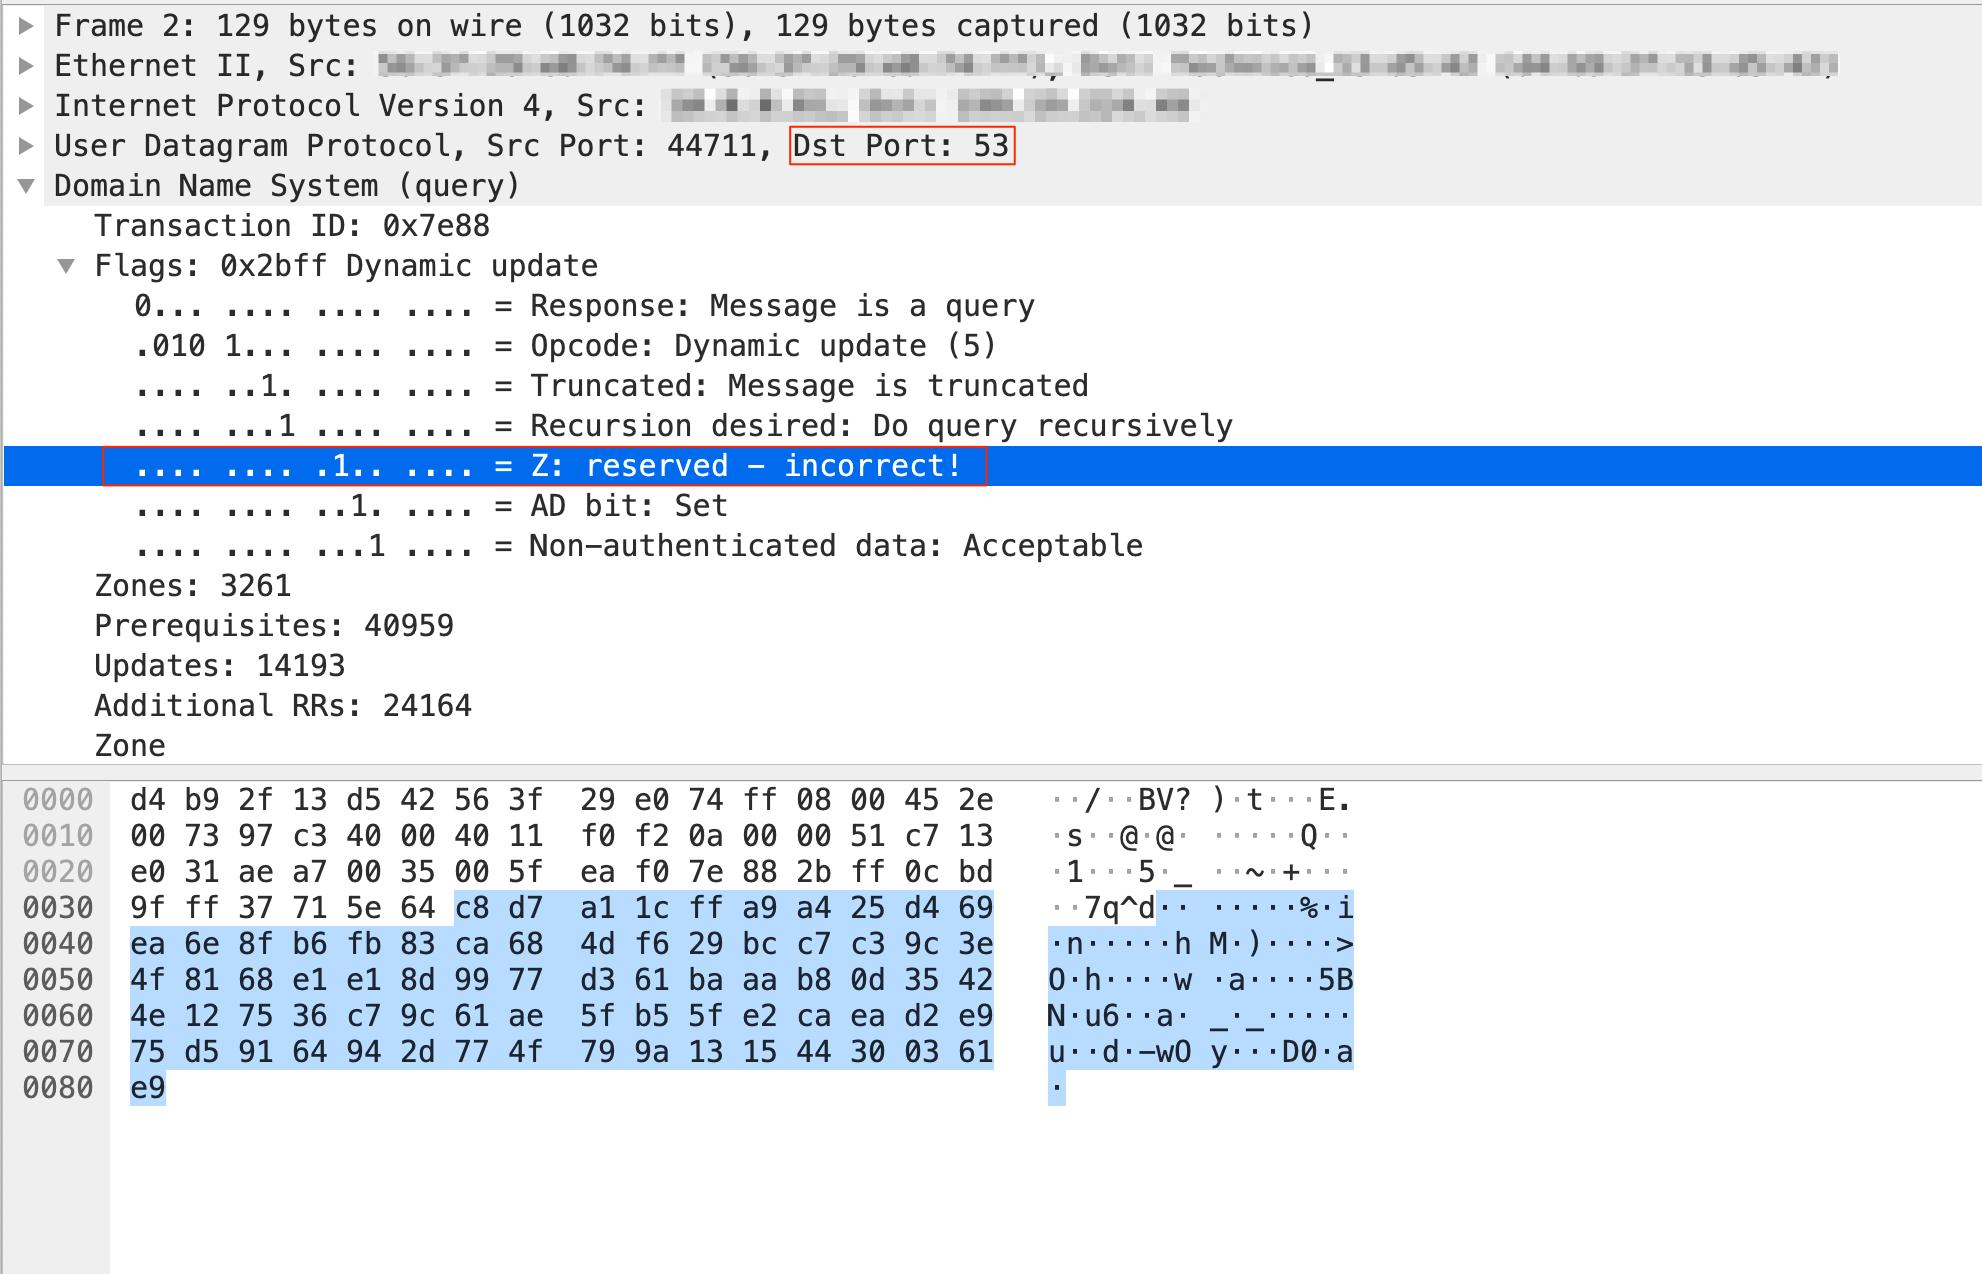 Thunder VPNから送られてくるポート53のUDPトラフィックを示した図